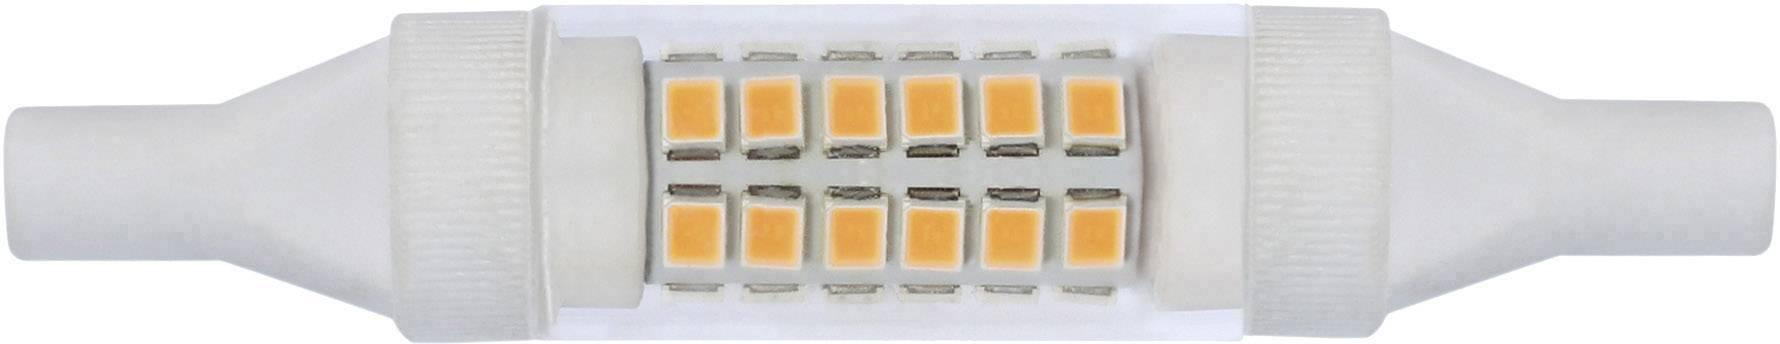 LightMe LED EEK A+ Ø x L R7s Röhrenform 6 W Warmweiß A++ - E 28 mm x 78 mm